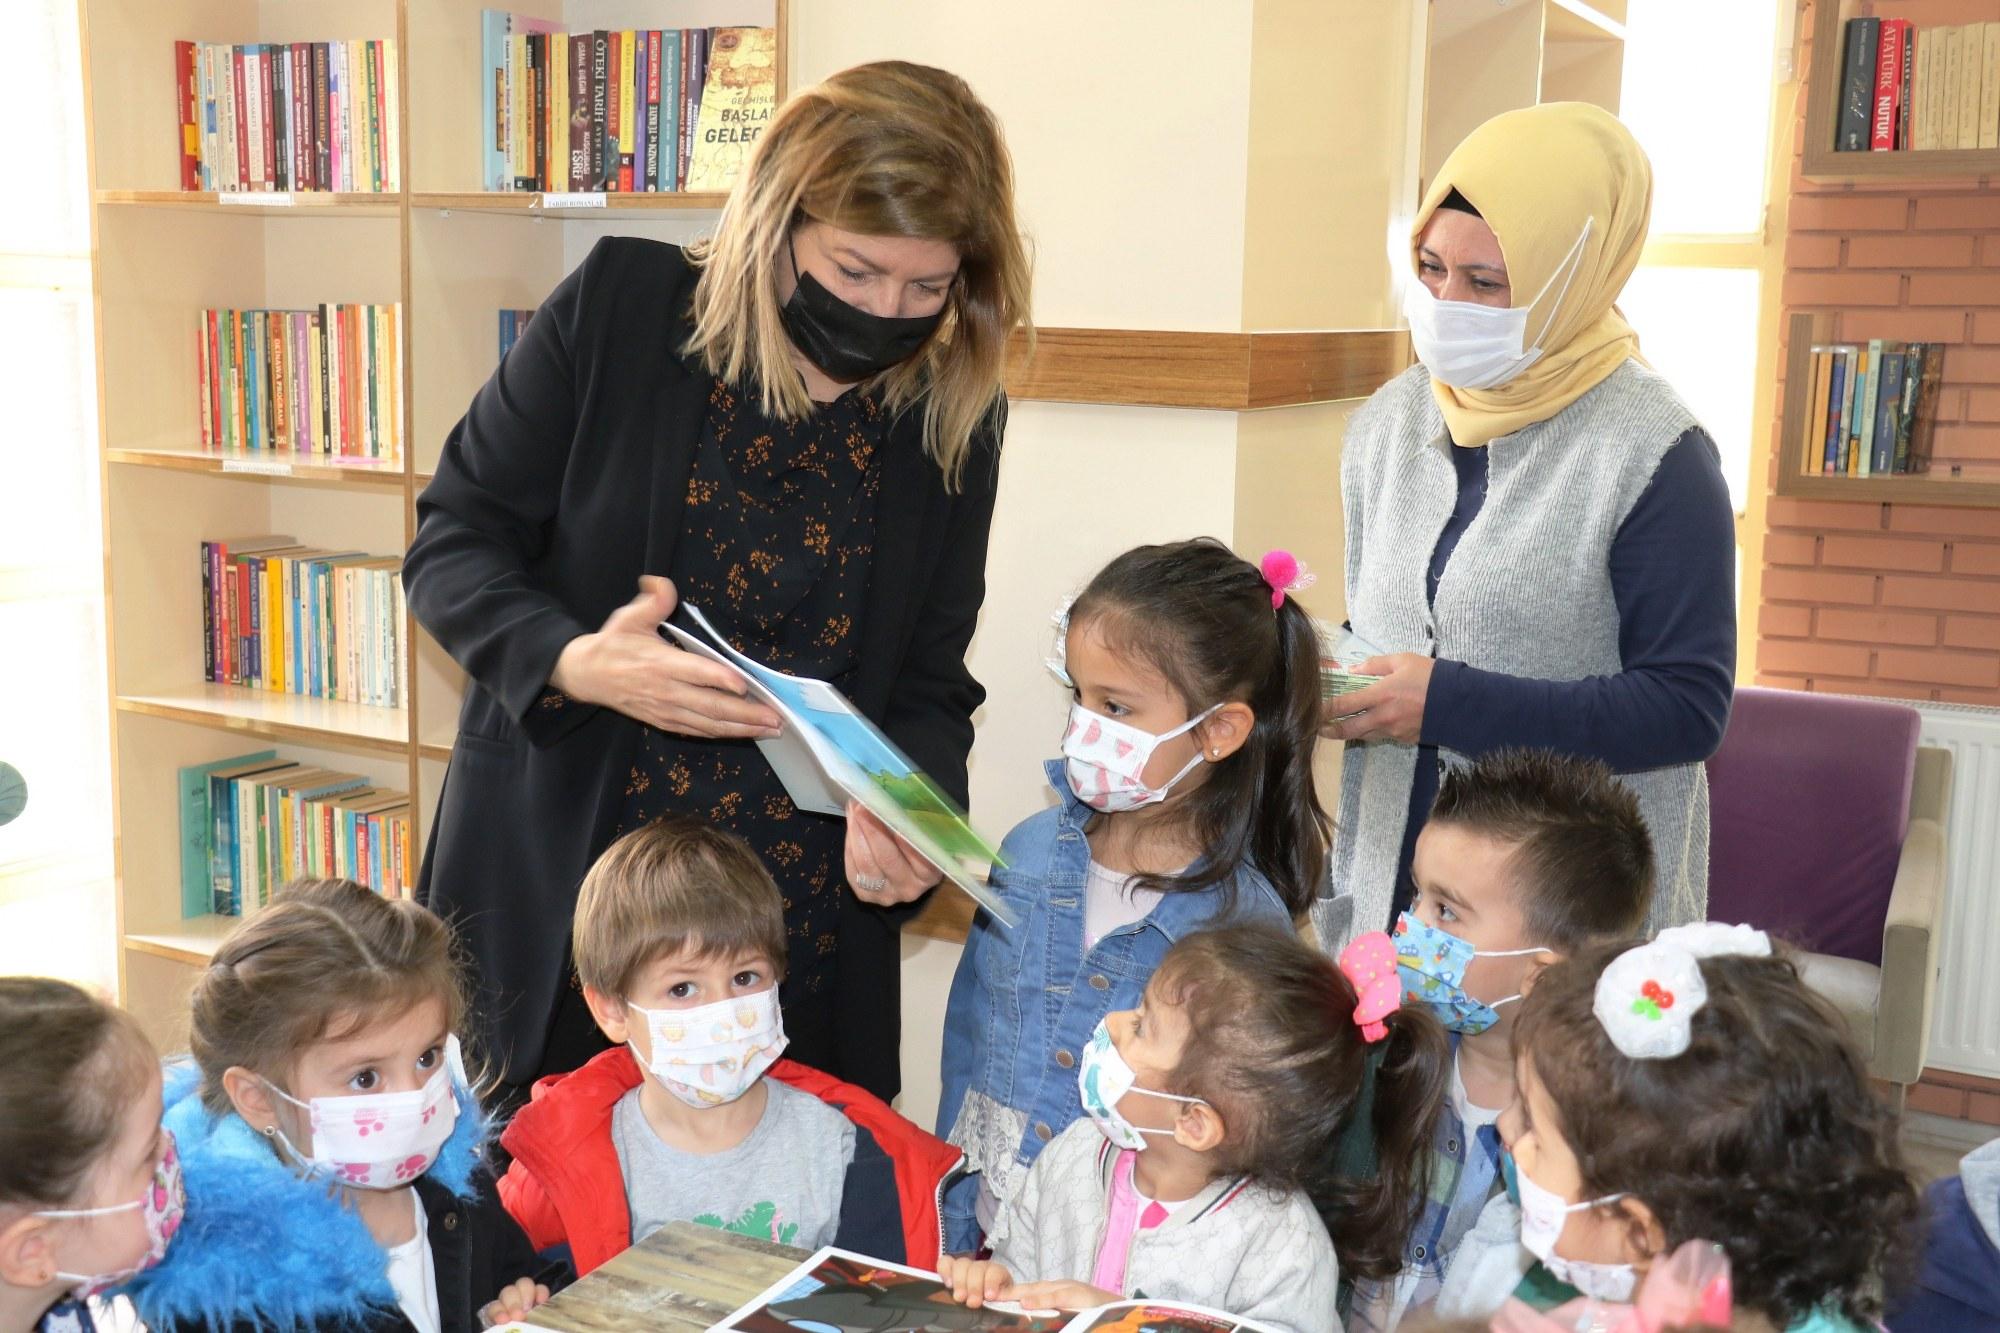 Yunusemre'de Miniklere Kitap Sevgisi Aşılanıyor